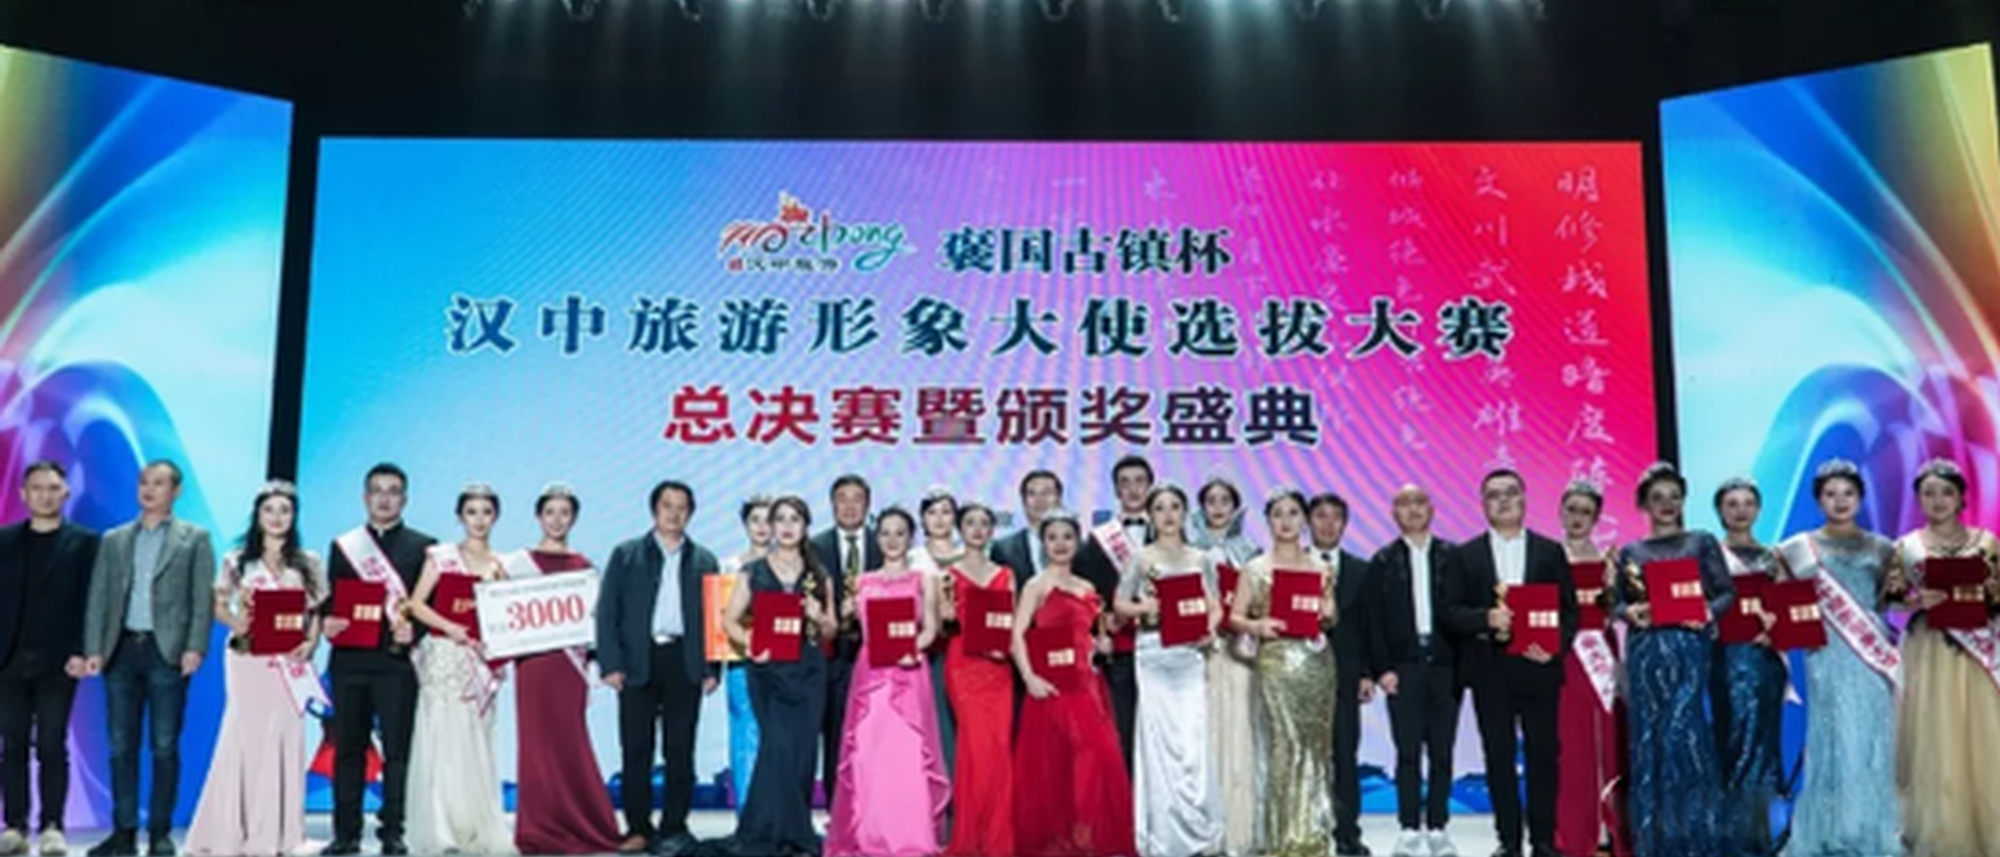 汉中旅游形象大使总决赛暨颁奖盛典举行